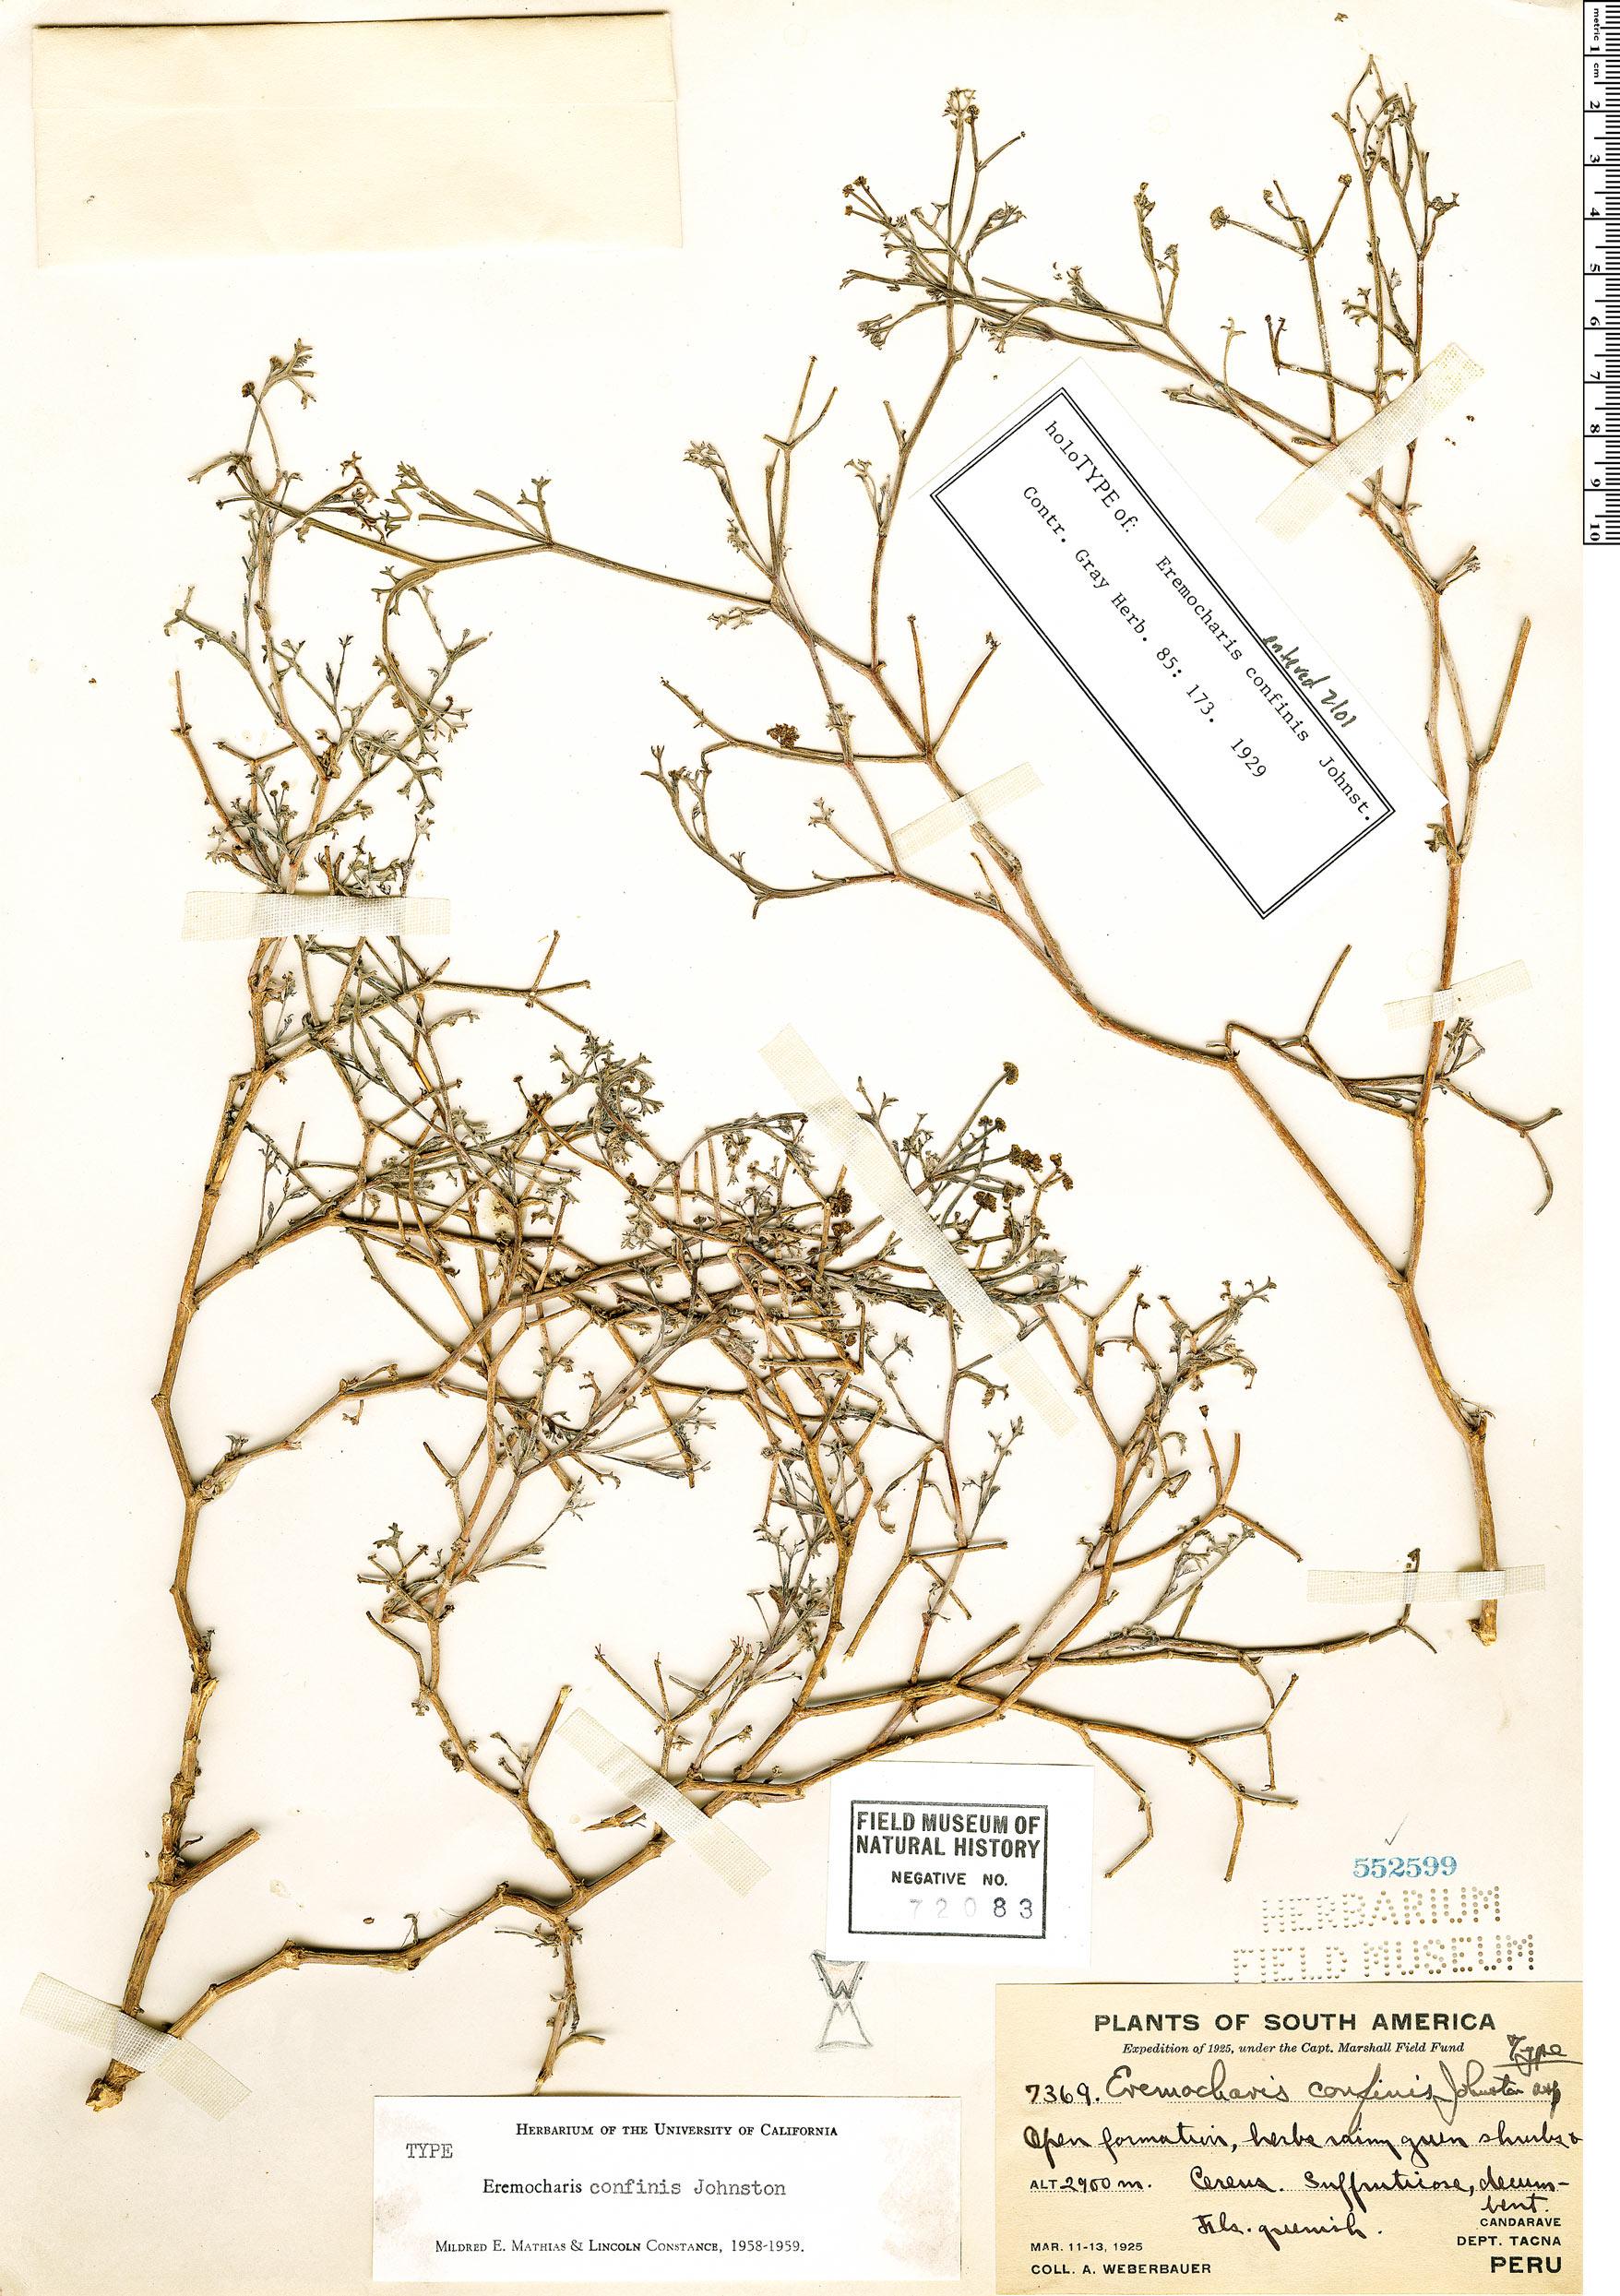 Specimen: Eremocharis confinis